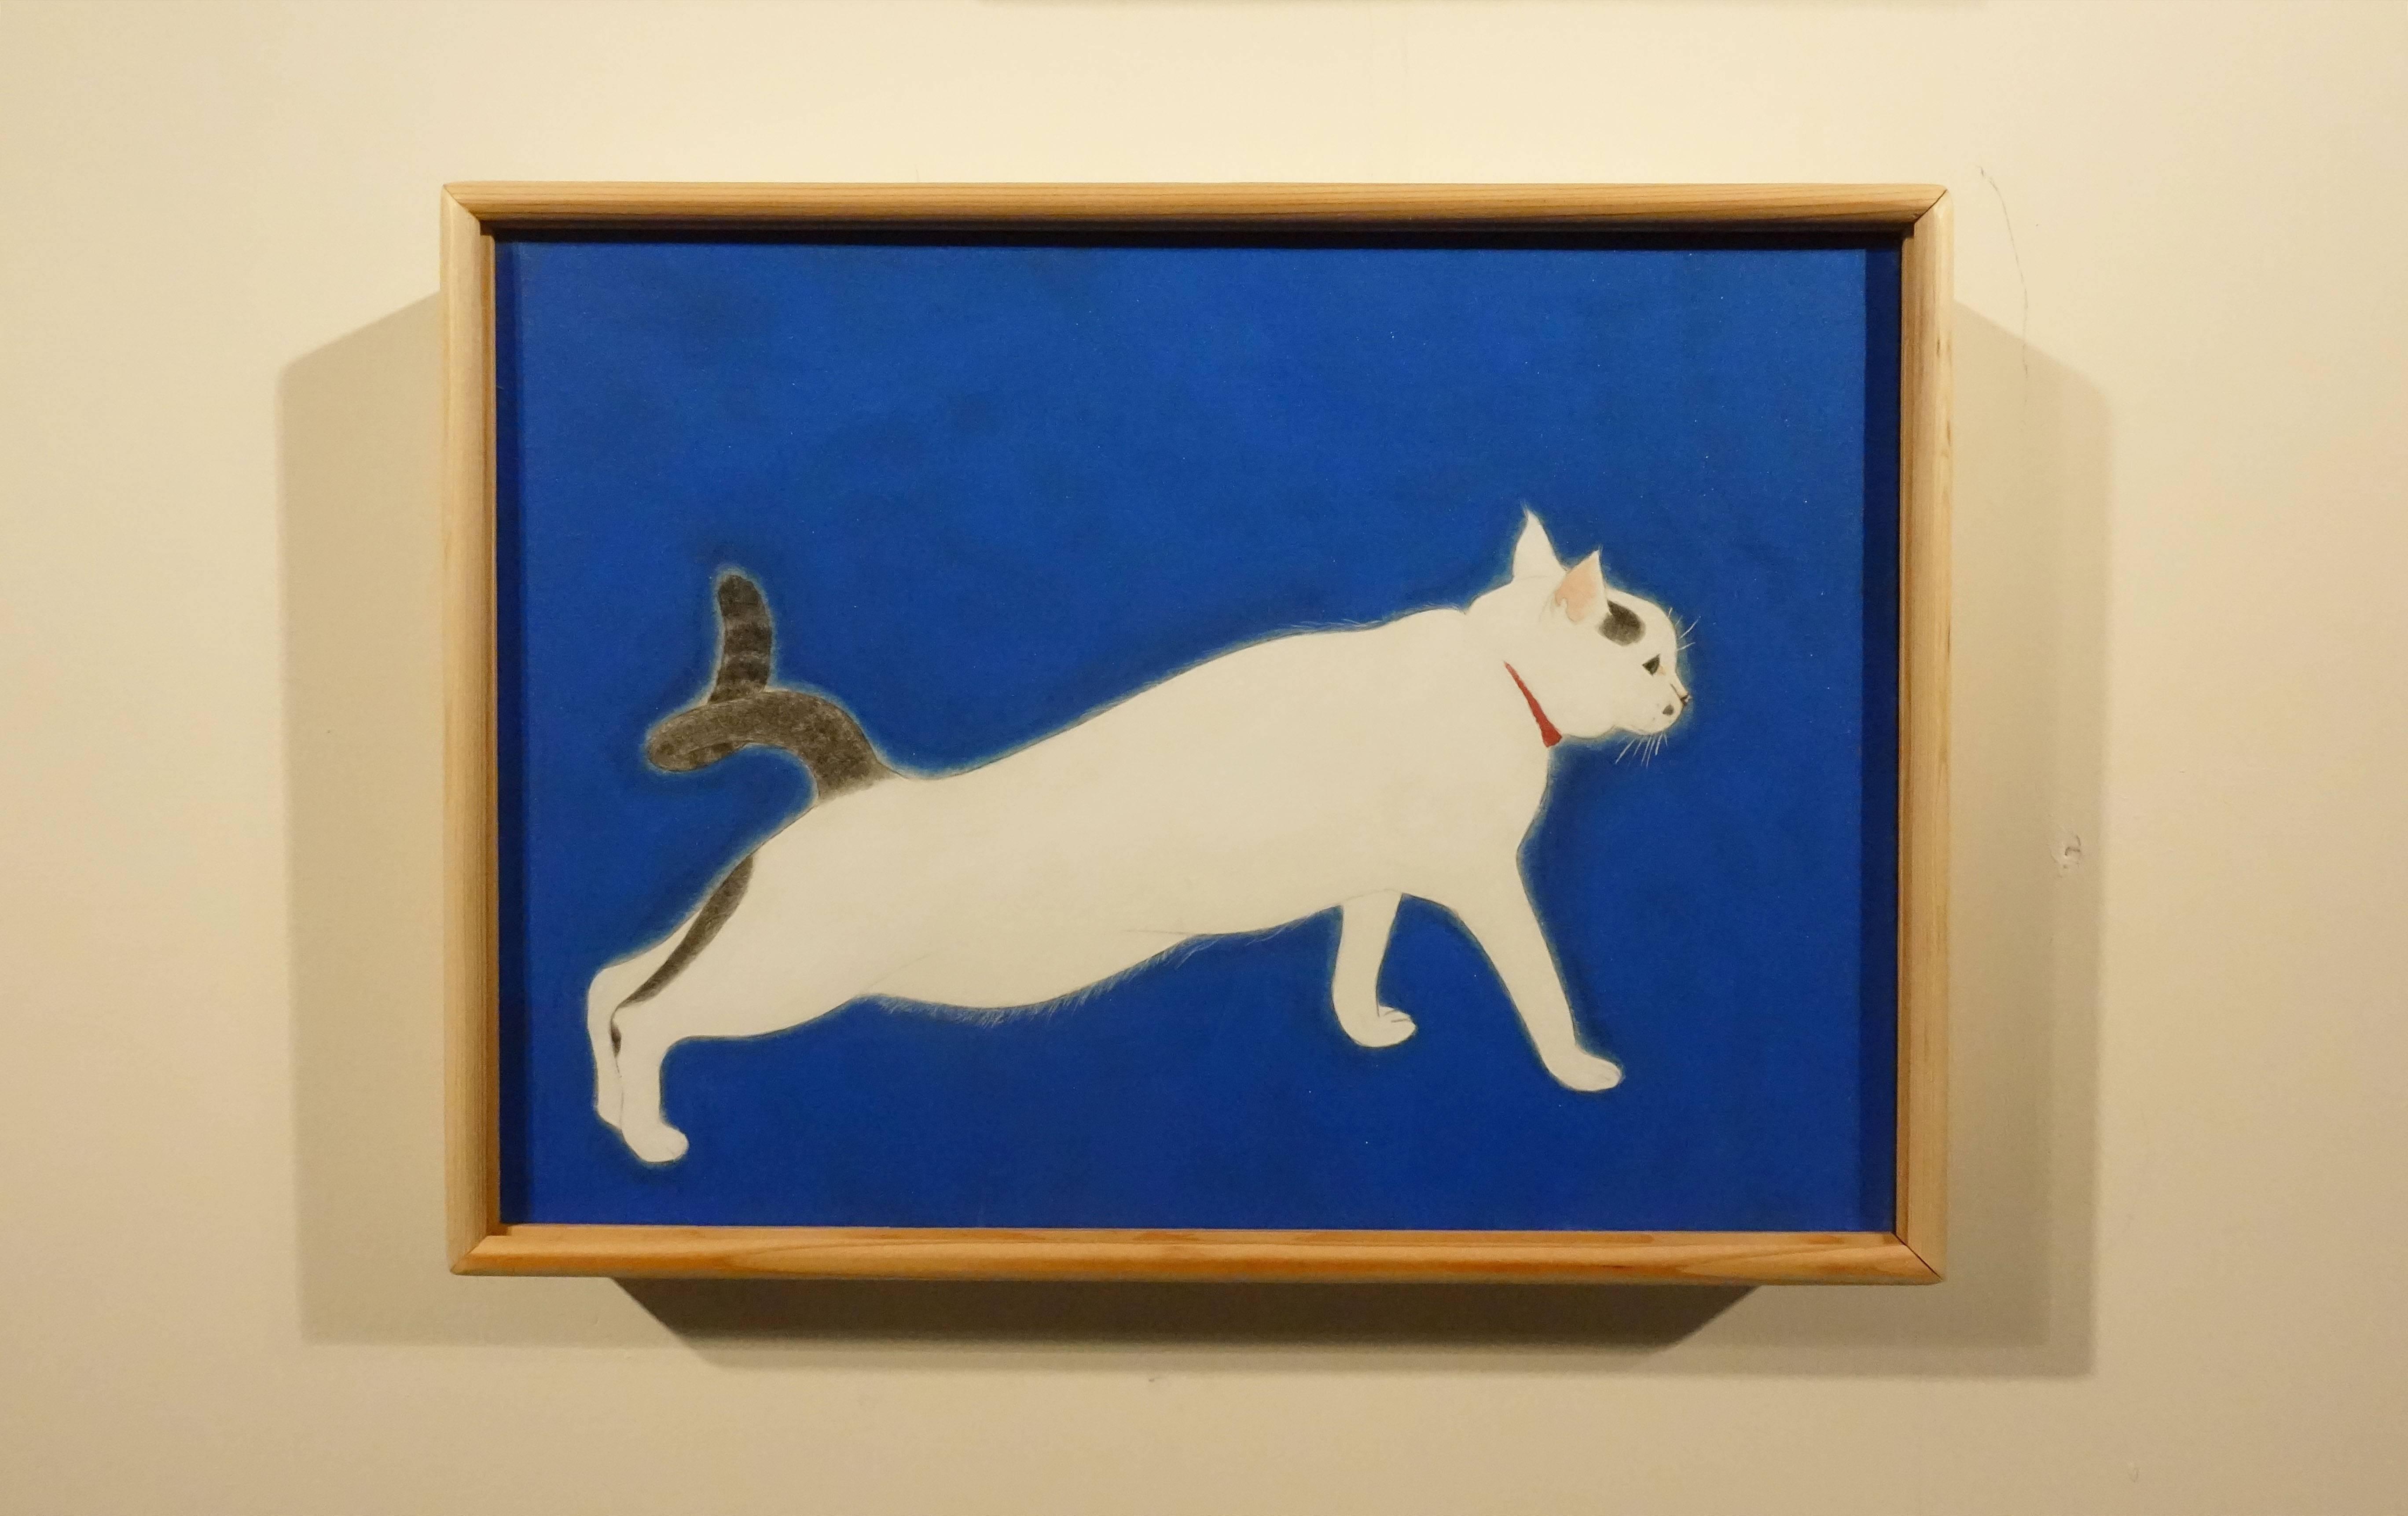 葉采薇,《青中白》,2017,紙本設色,29 x 21 cm。